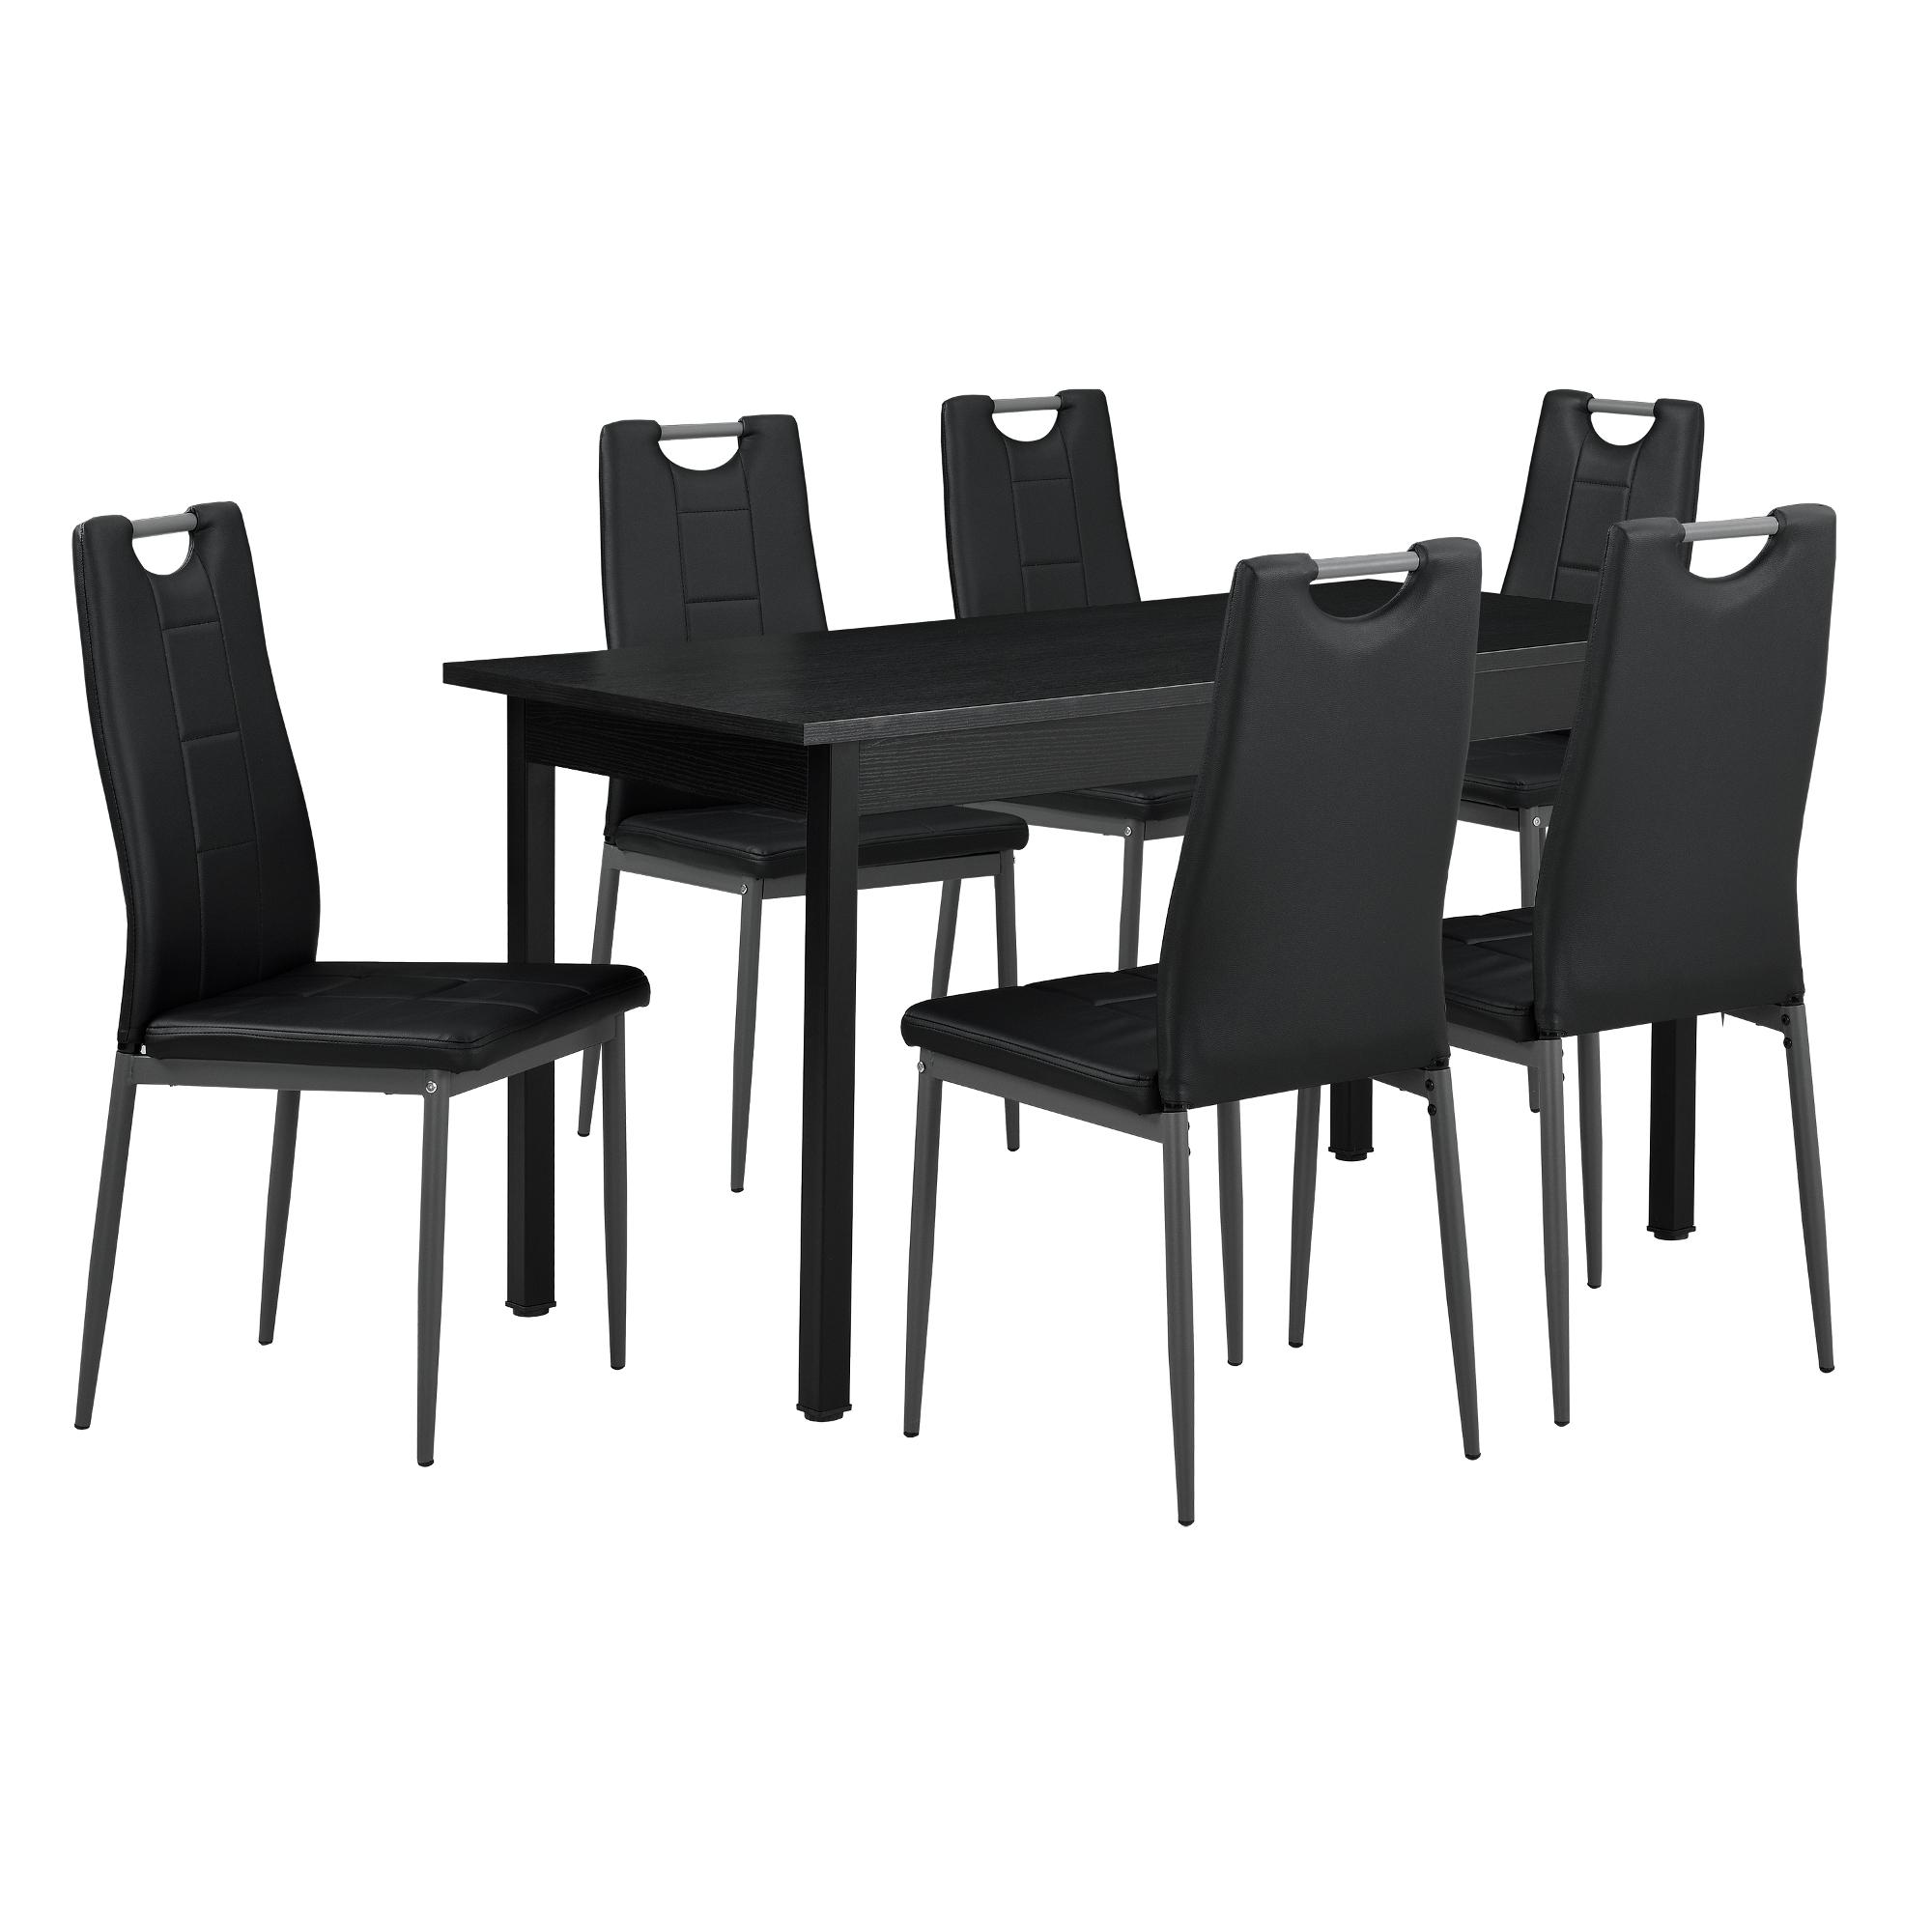 en.casa]® Table à manger 6 chaises noir 140x60cm table de cuisine ...